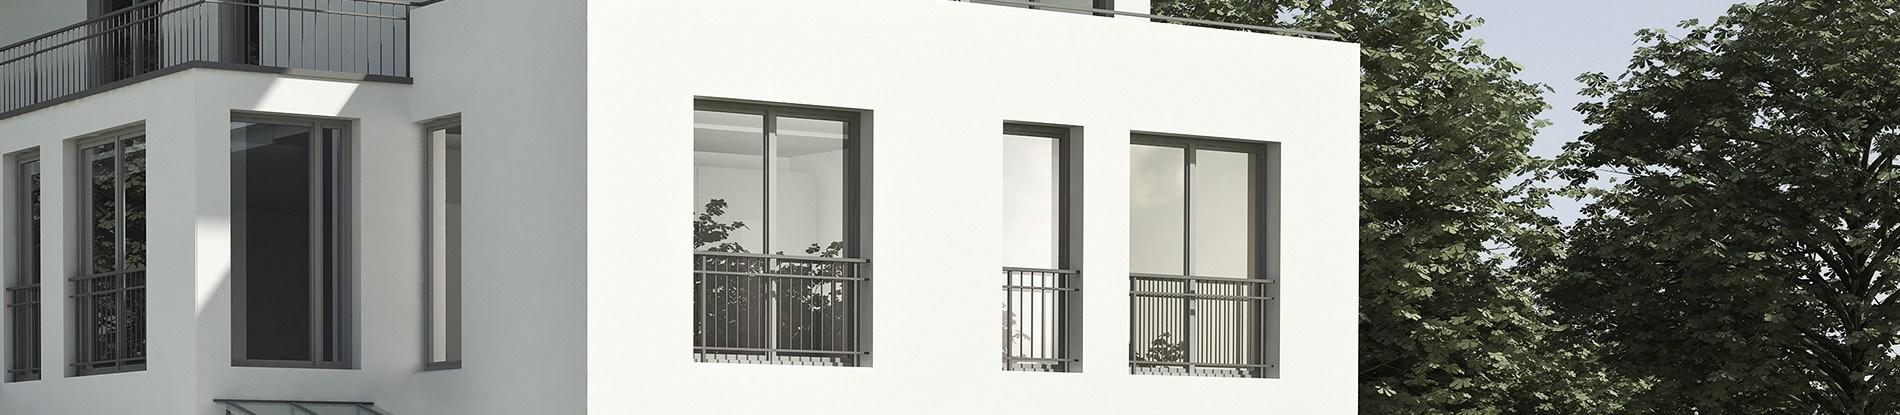 Bodentiefe fenster obergeschoss  Bodentiefe Fenster Kosten & Preise ermitteln | neuffer.de